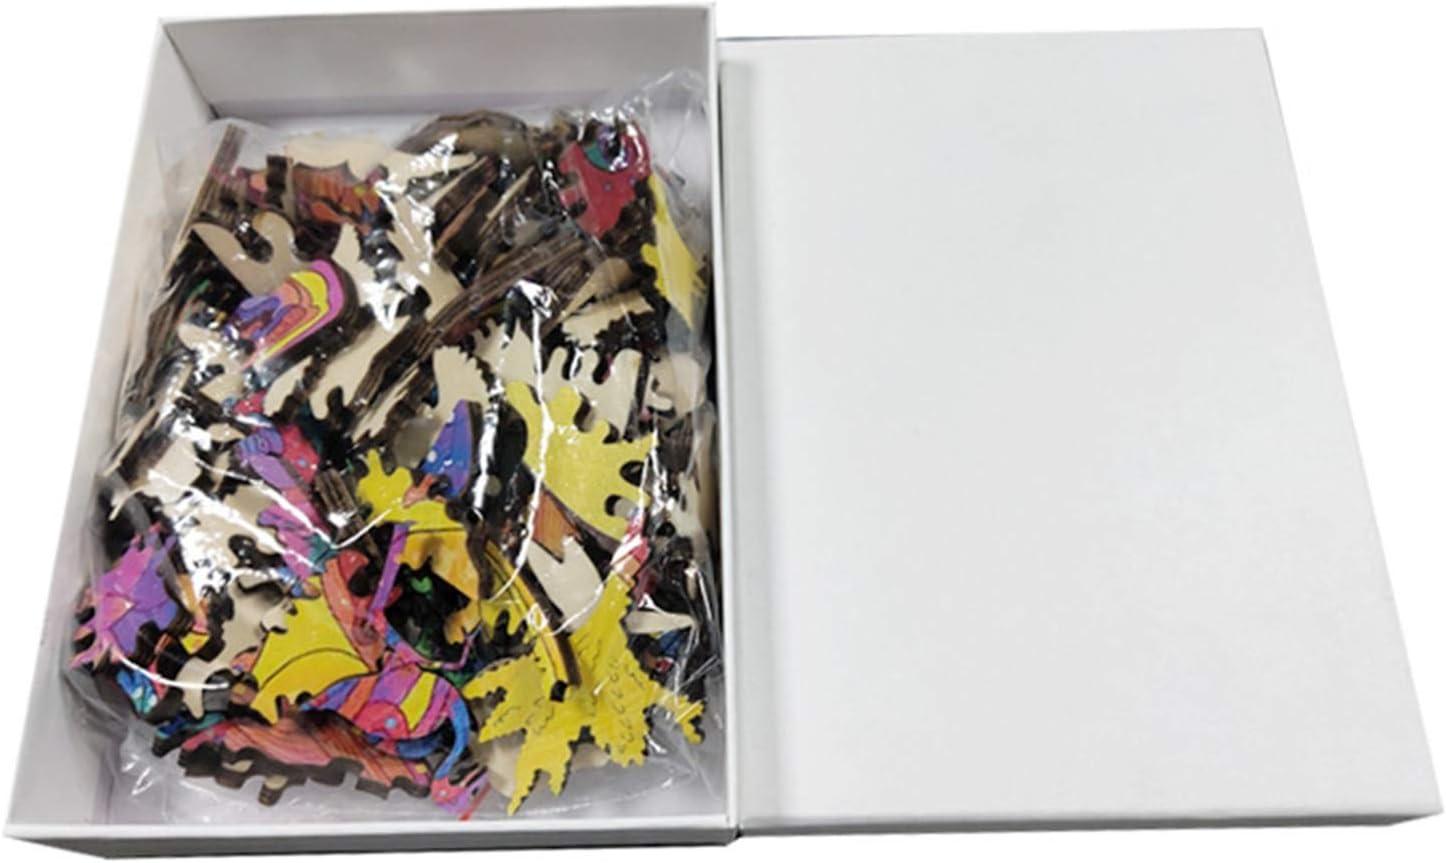 irregul/är H/ölzernes Tierpuzzle Holzpuzzle Einzigartige Form Puzzleteile Erwachsene und Kinder Cham/äleon 11.69x8.27 Dekompression Lernspielzeug Bestes Puzzle Spielzeug Geschenk und Familienspiel